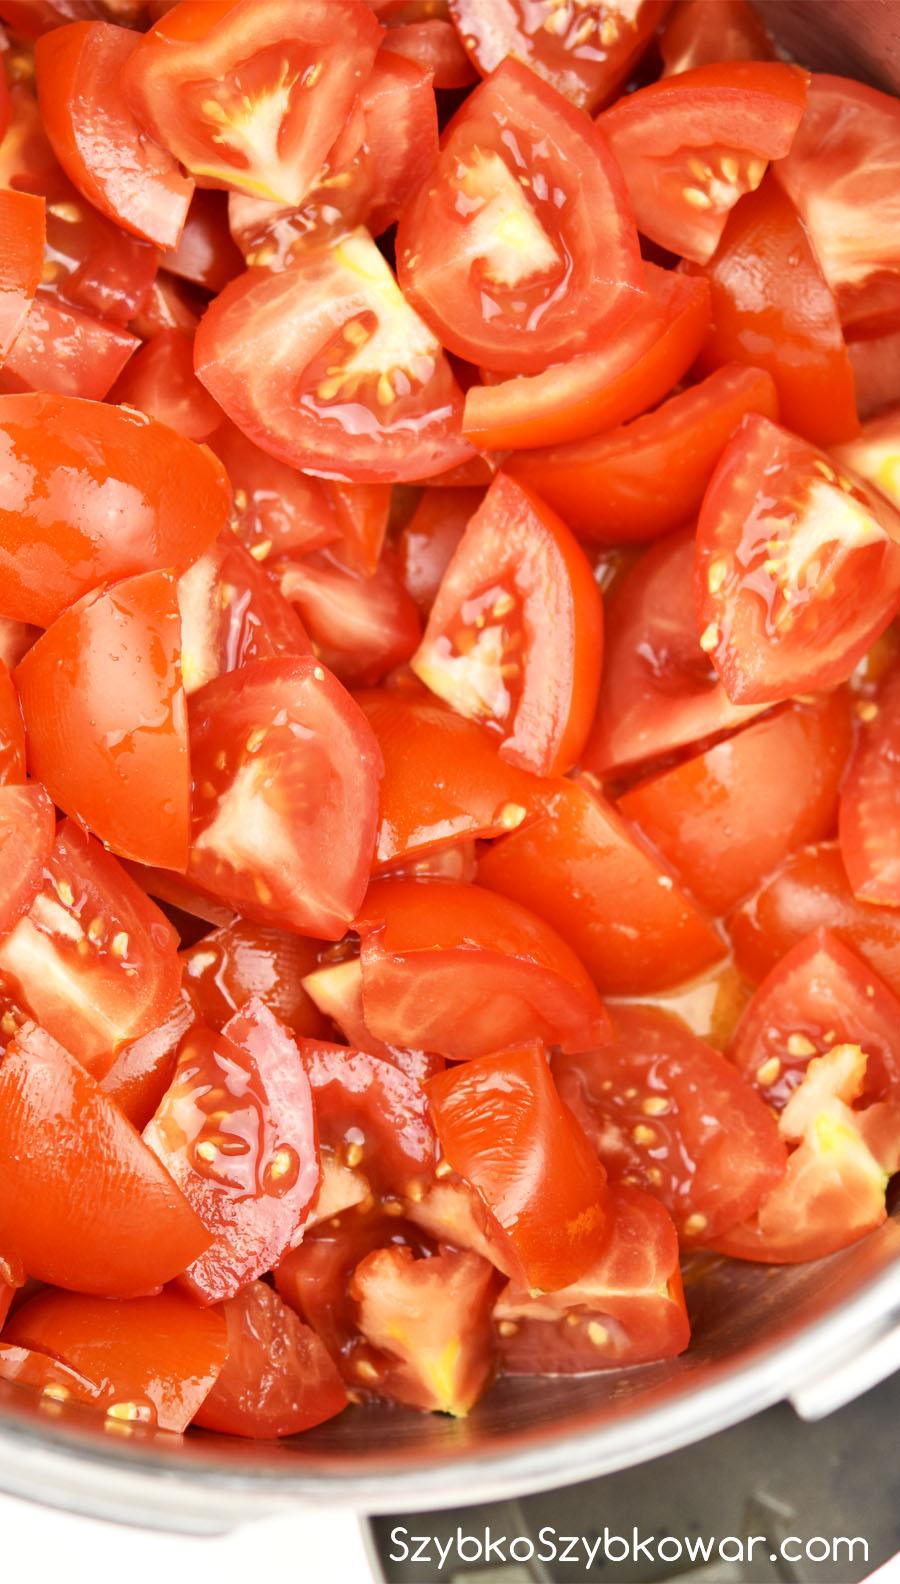 Pomidory w garnku przed podsmażaniem.